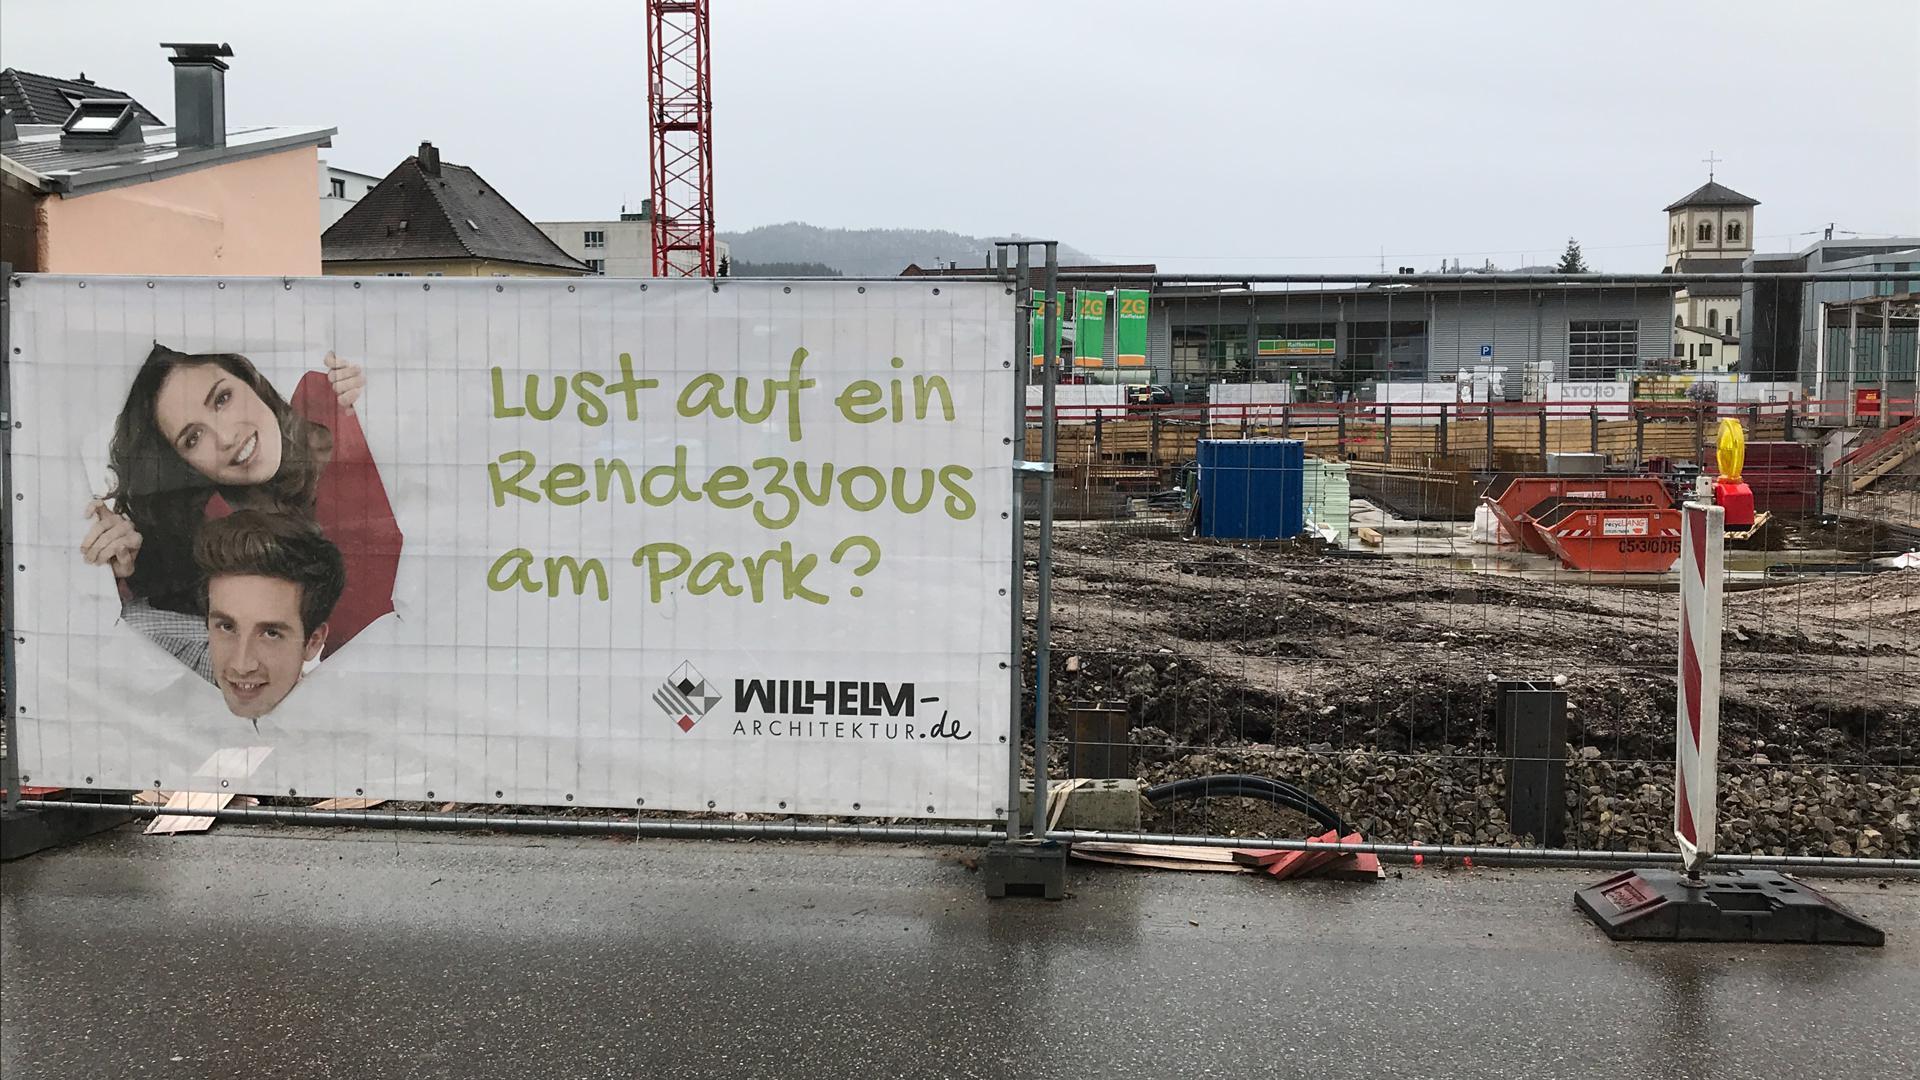 """Baustelle mit Plakat """"Lust auf ein Rendezvous..."""""""